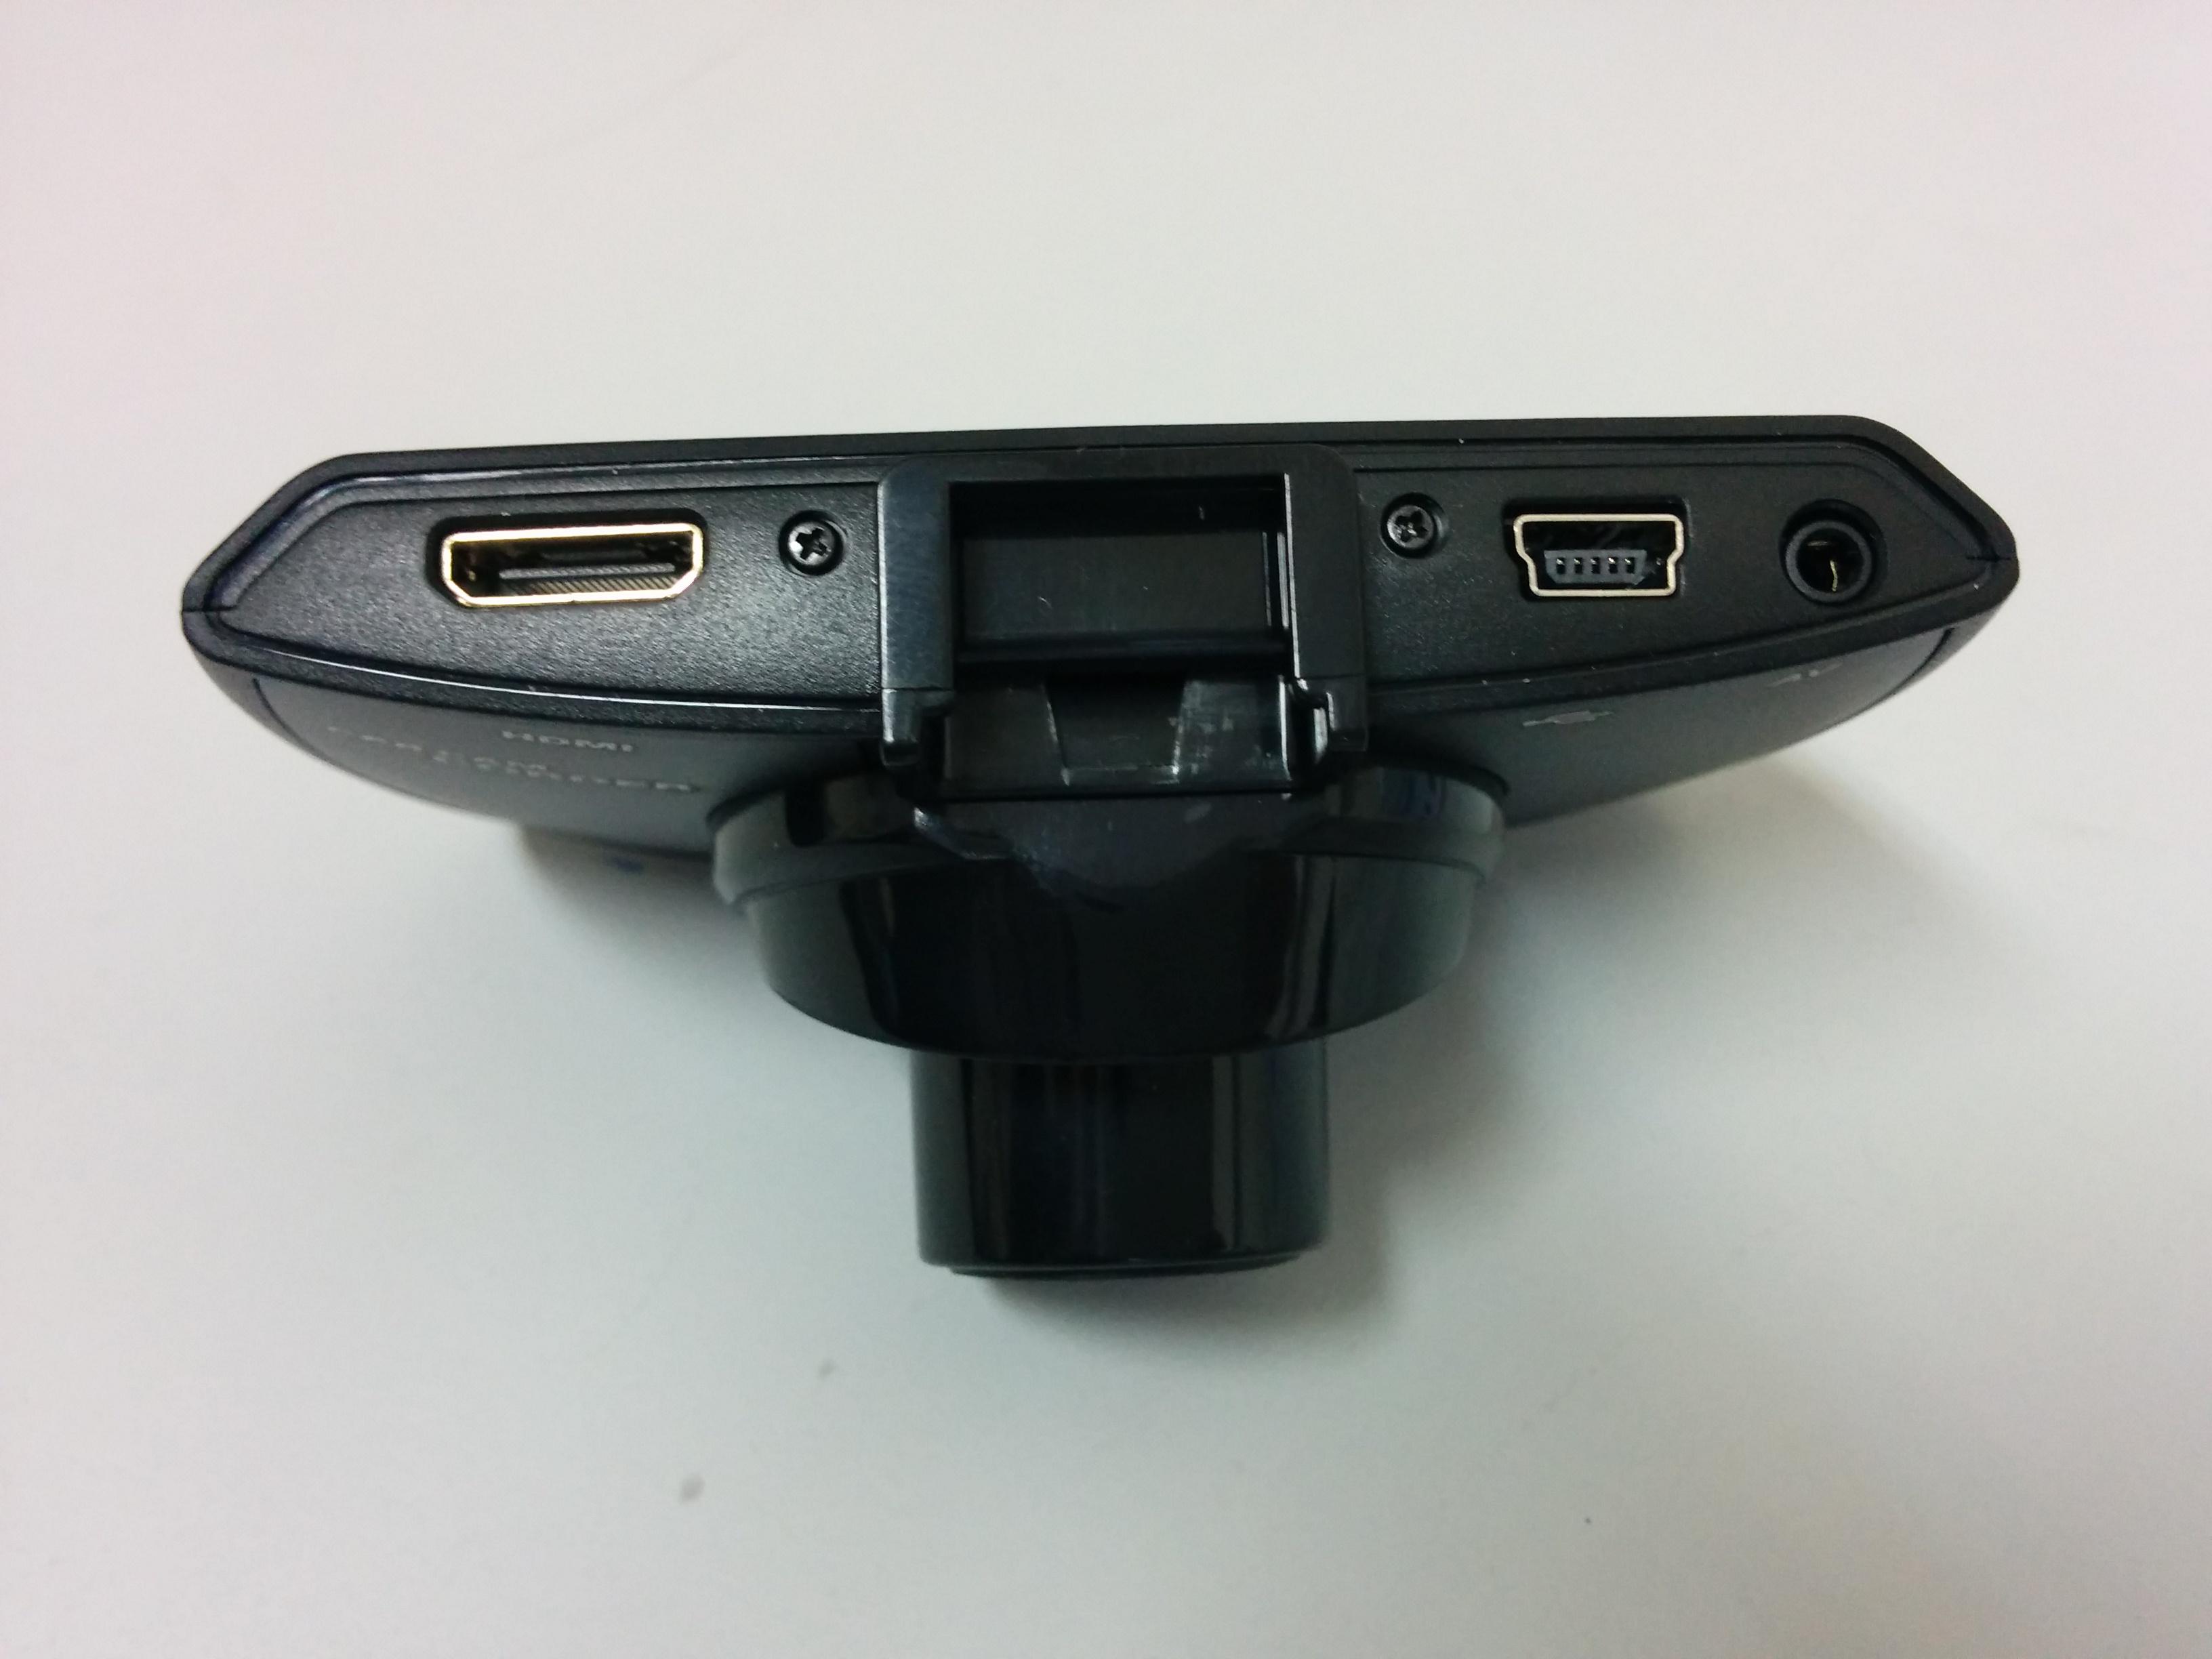 Видеорегистратор Blackview G30 - разъёмы для подключения кабеля USB и HDMI